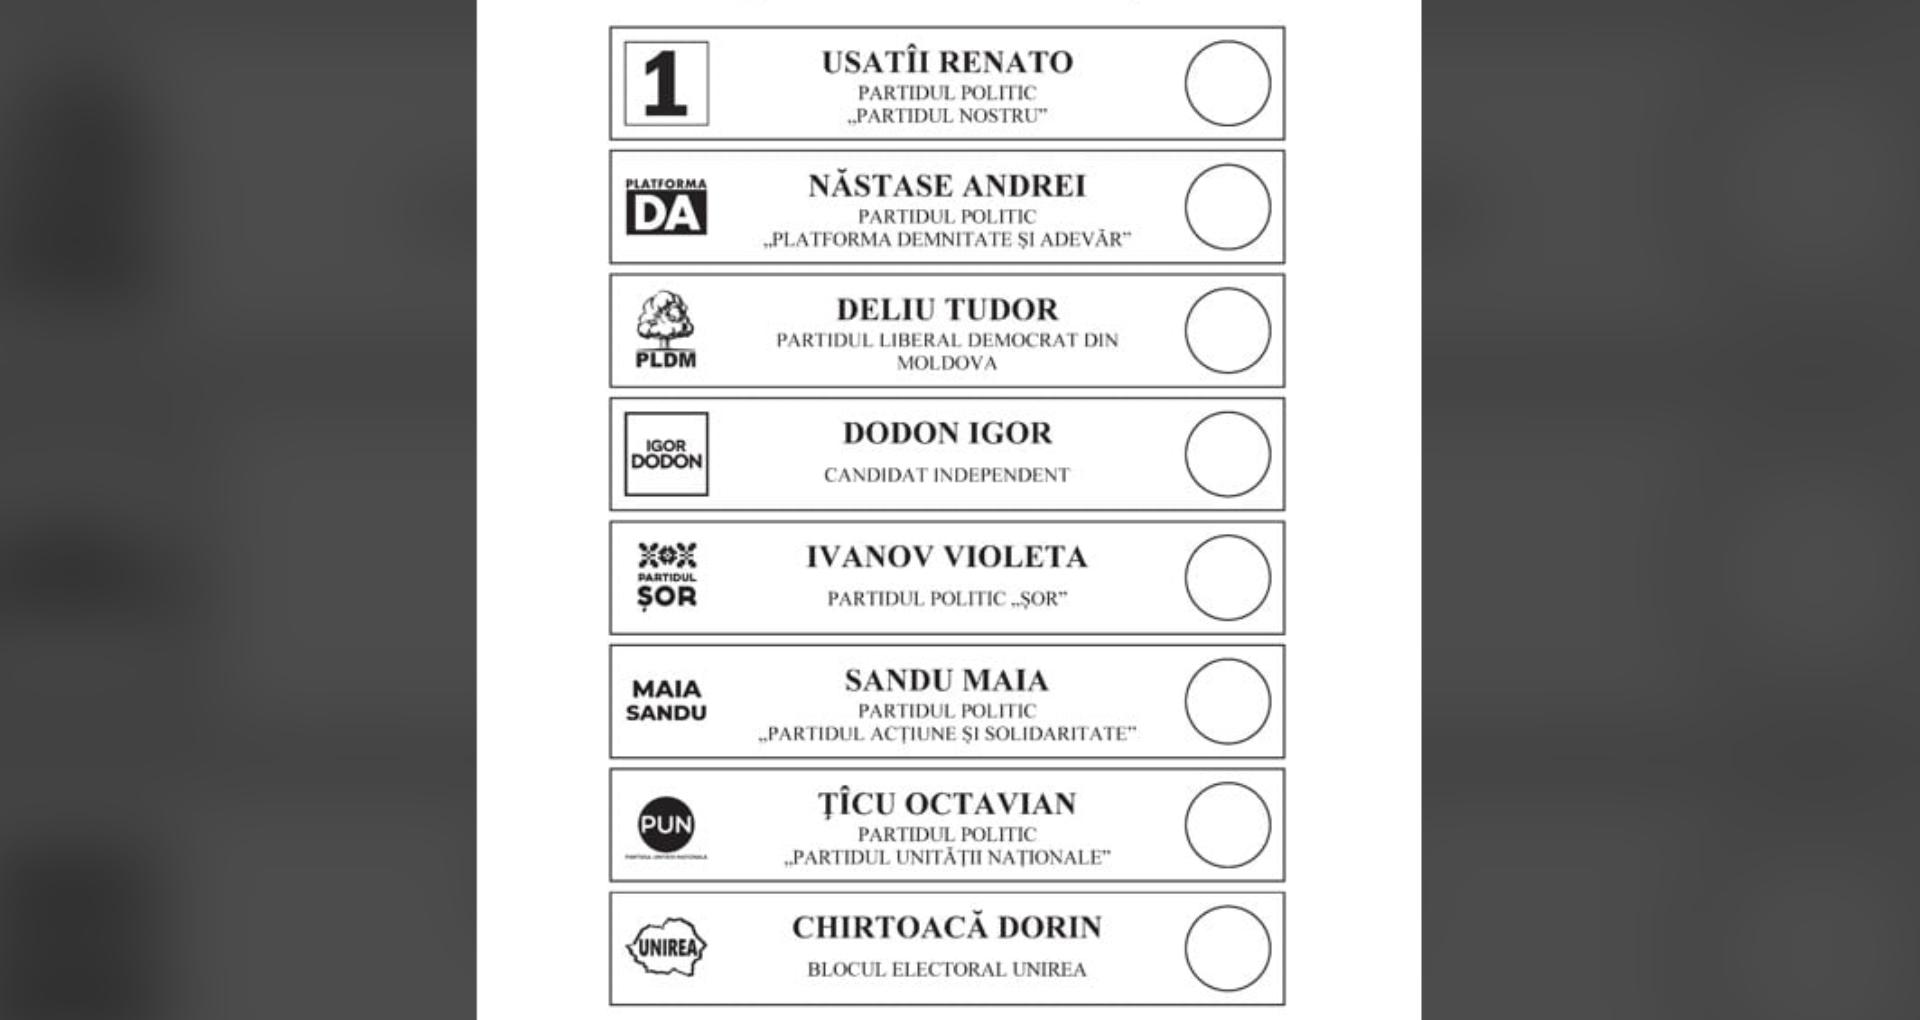 FOTO/ Cum va arăta buletinul de vot la alegerile prezidențiale